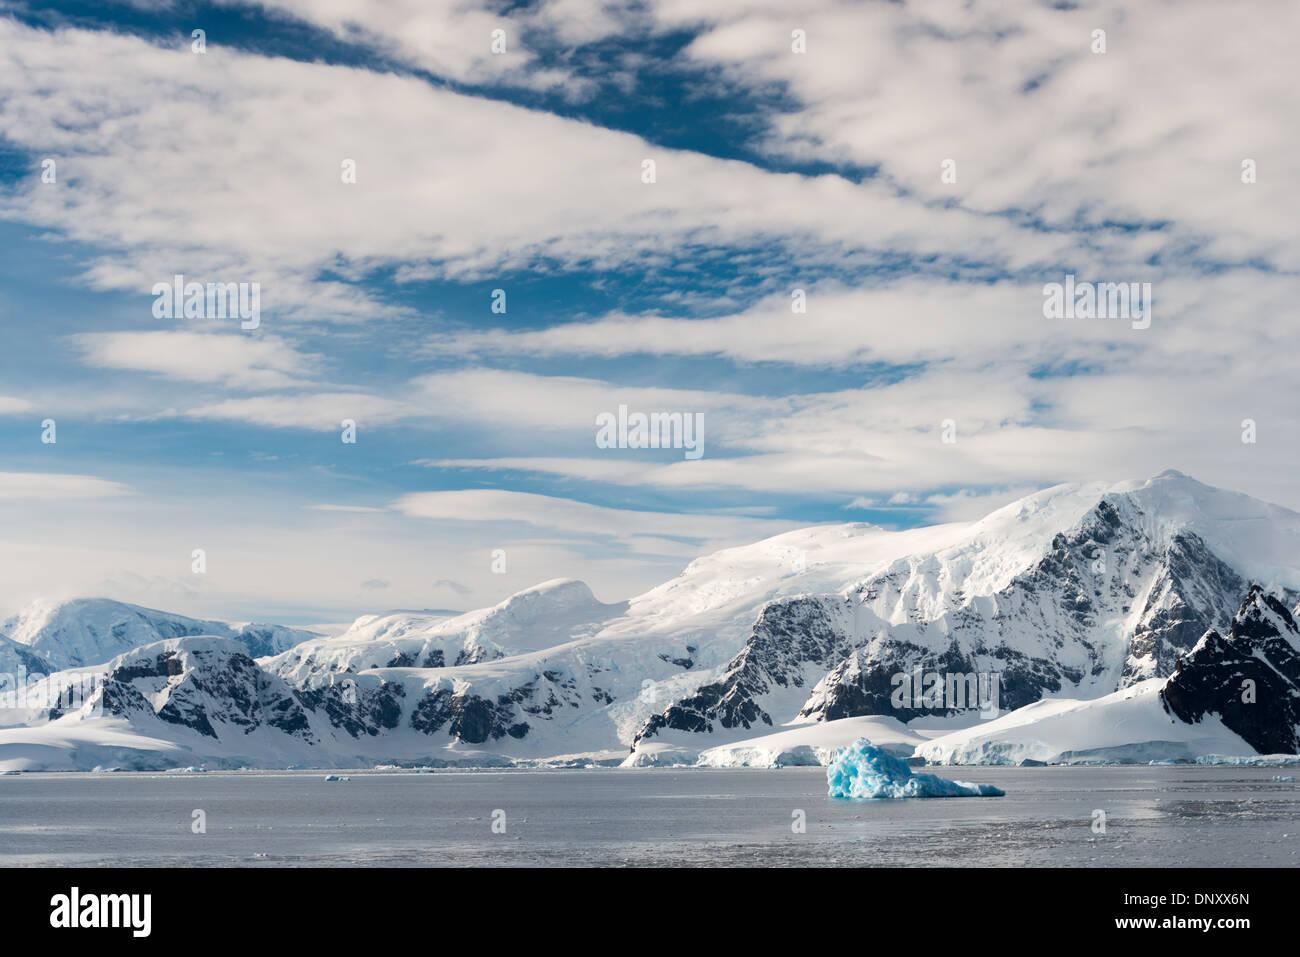 L'ANTARCTIQUE - Ciel bleu et nuages abaove le spectaculaire paysage montagneux de la région du détroit de Gerlache Banque D'Images